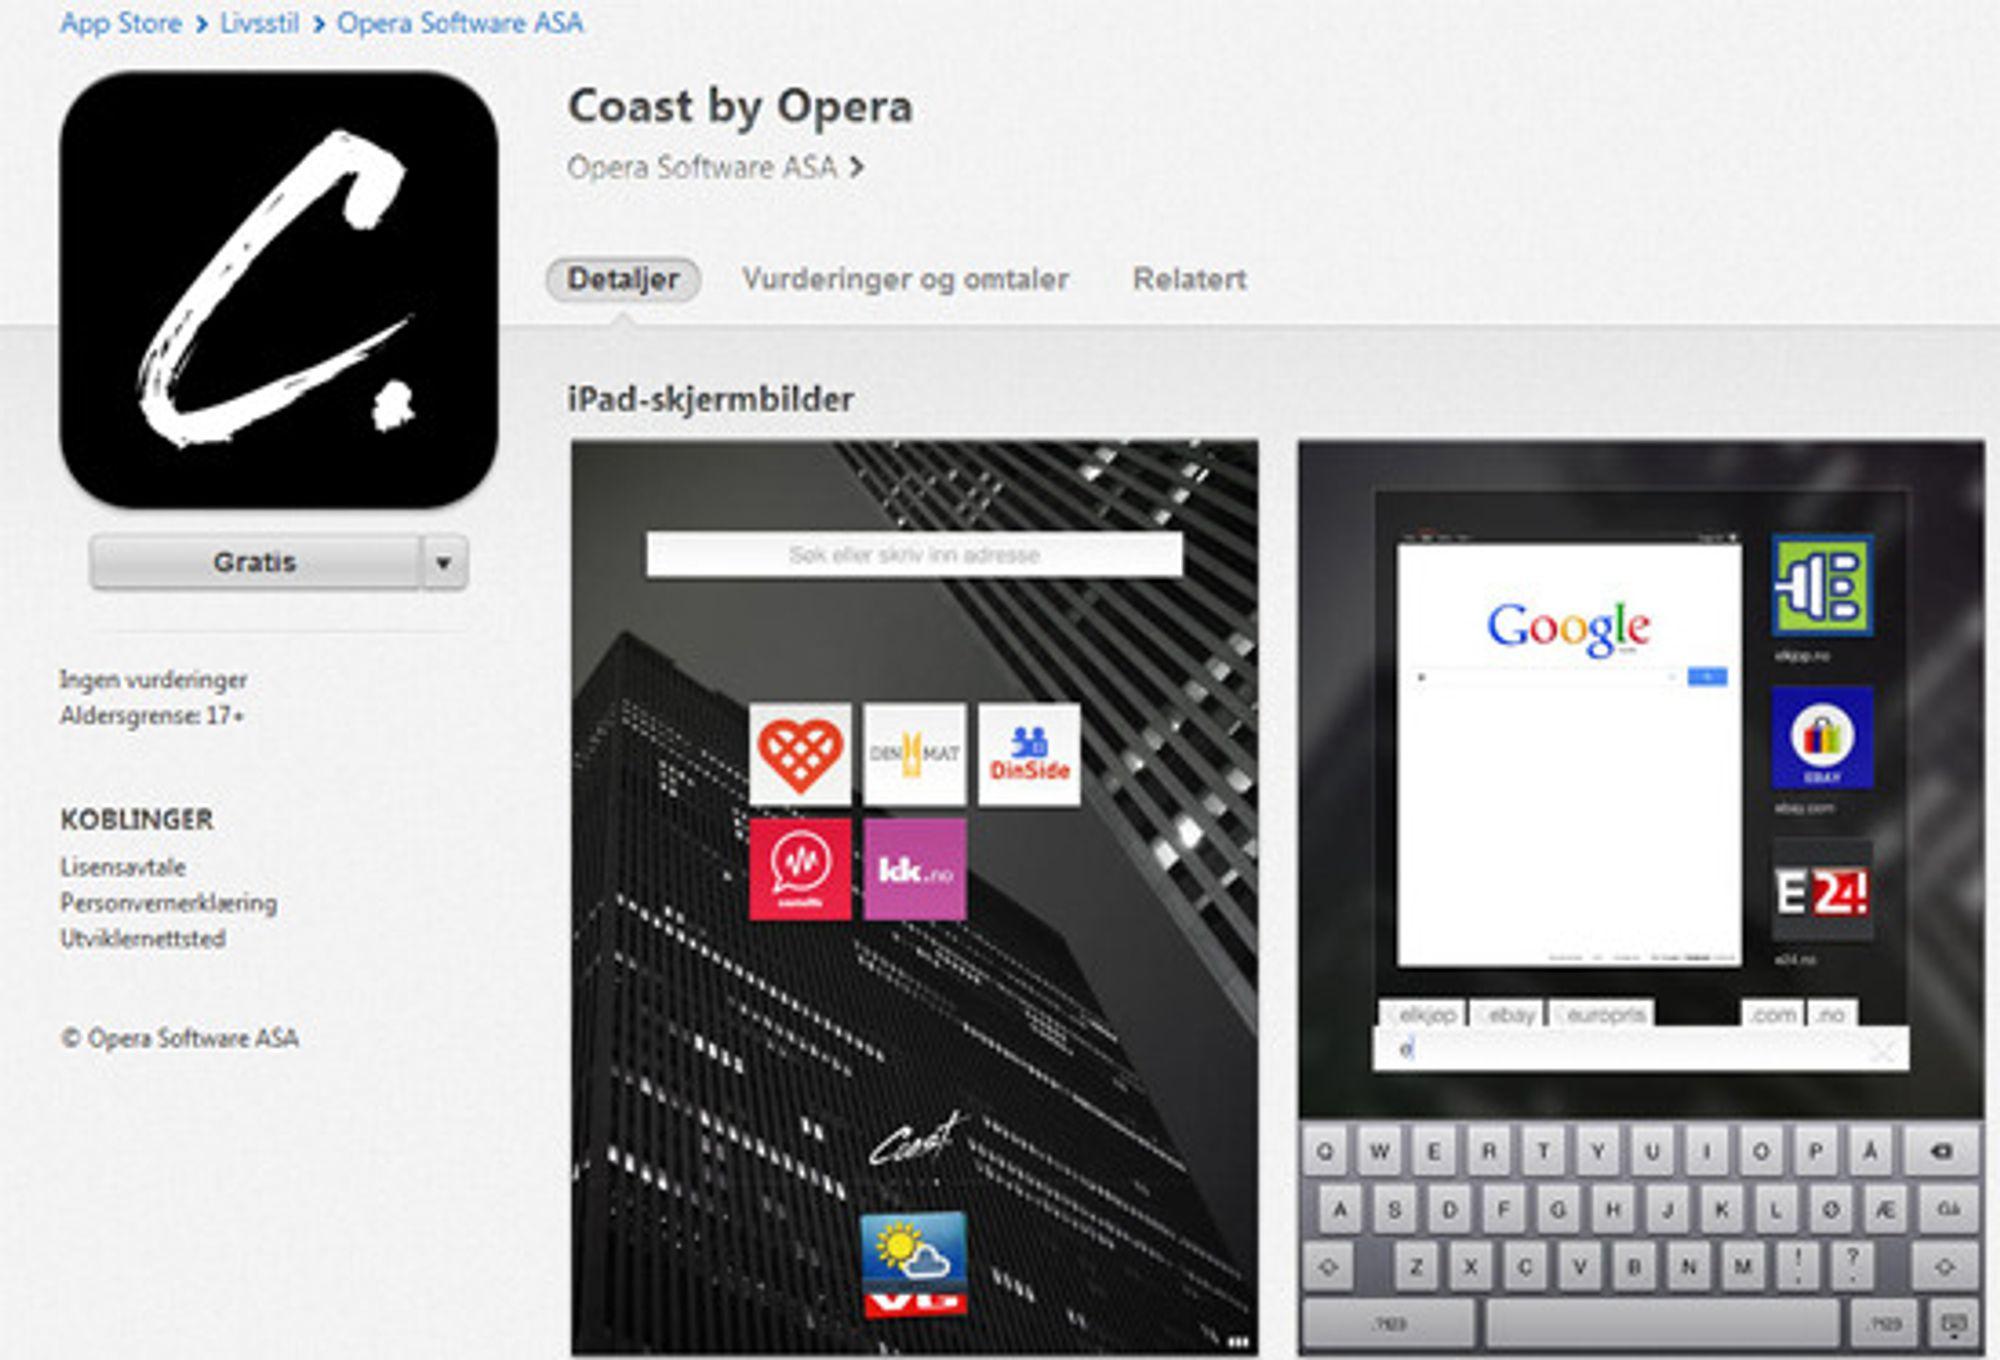 Coast by Opera er produktets fulle navn. Her ser vi skjermbilder av hjemskjermen og det kombinerte søke- og adressefeltet. Nettleseren ble utgitt i App Store til iPad nå for bare noen minutter siden.